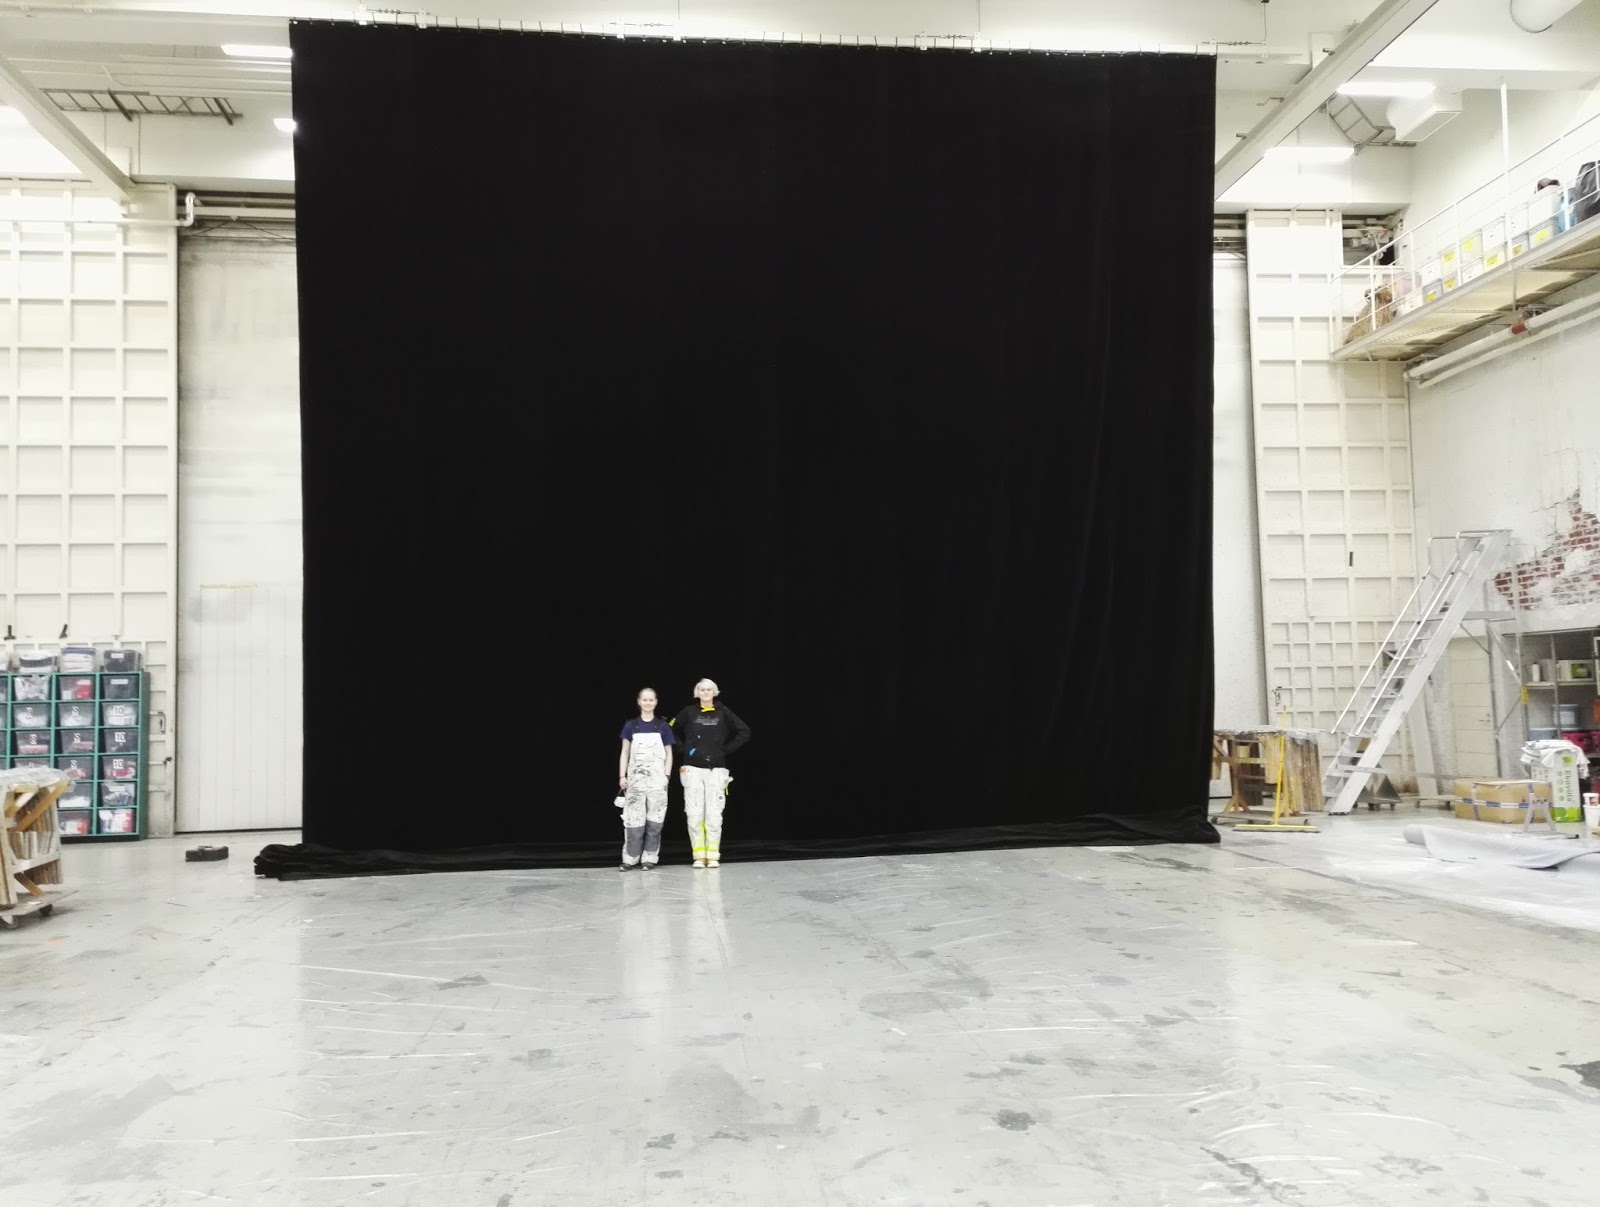 Maalasimme seinän valkoiseksi. 2edfc3a461